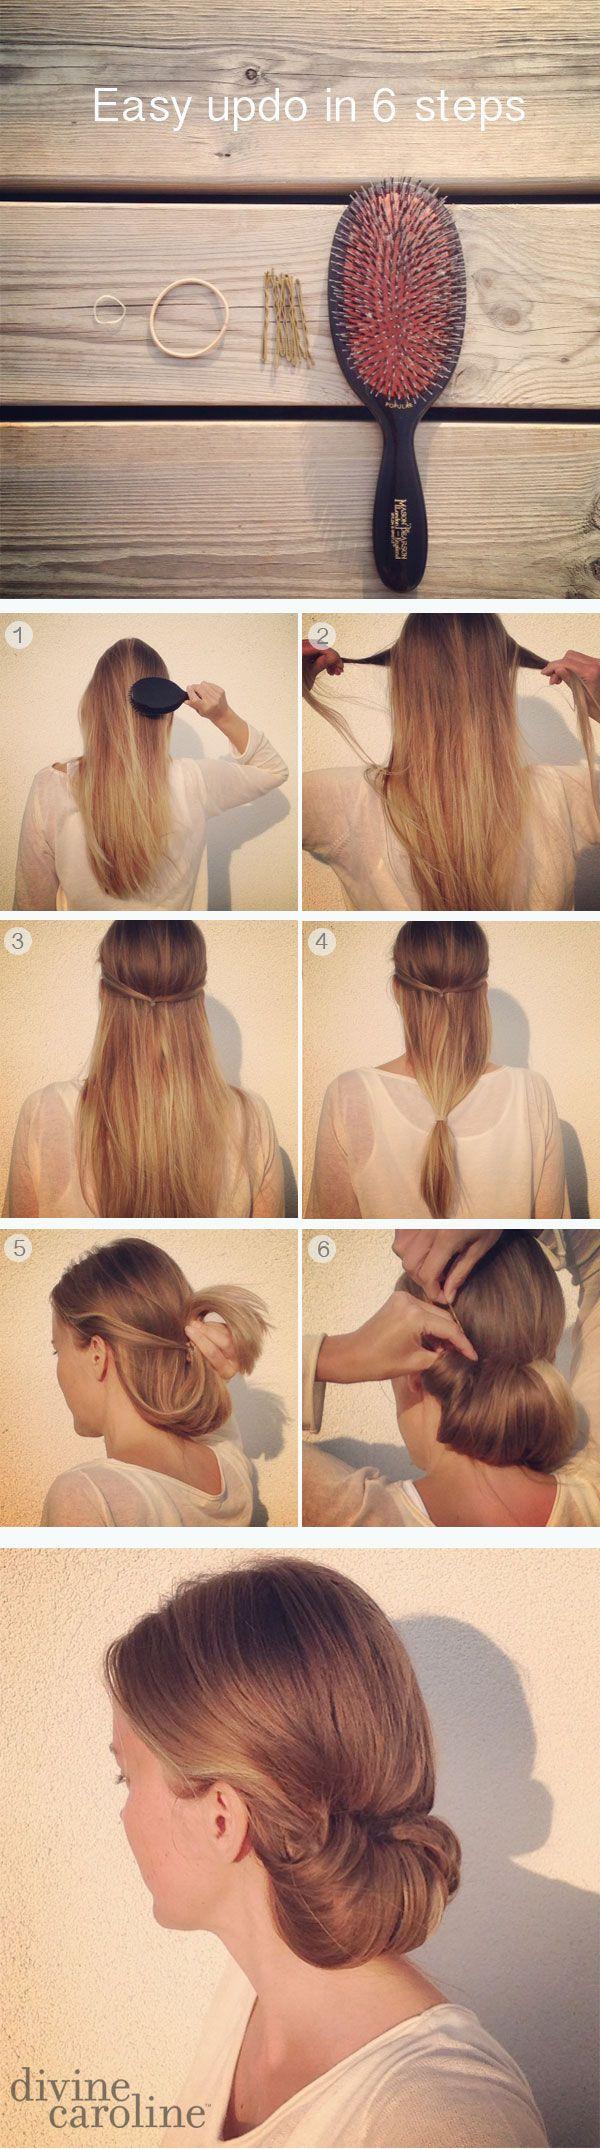 Sempre quis achar um jeito fácil de fazer isso!!! :)